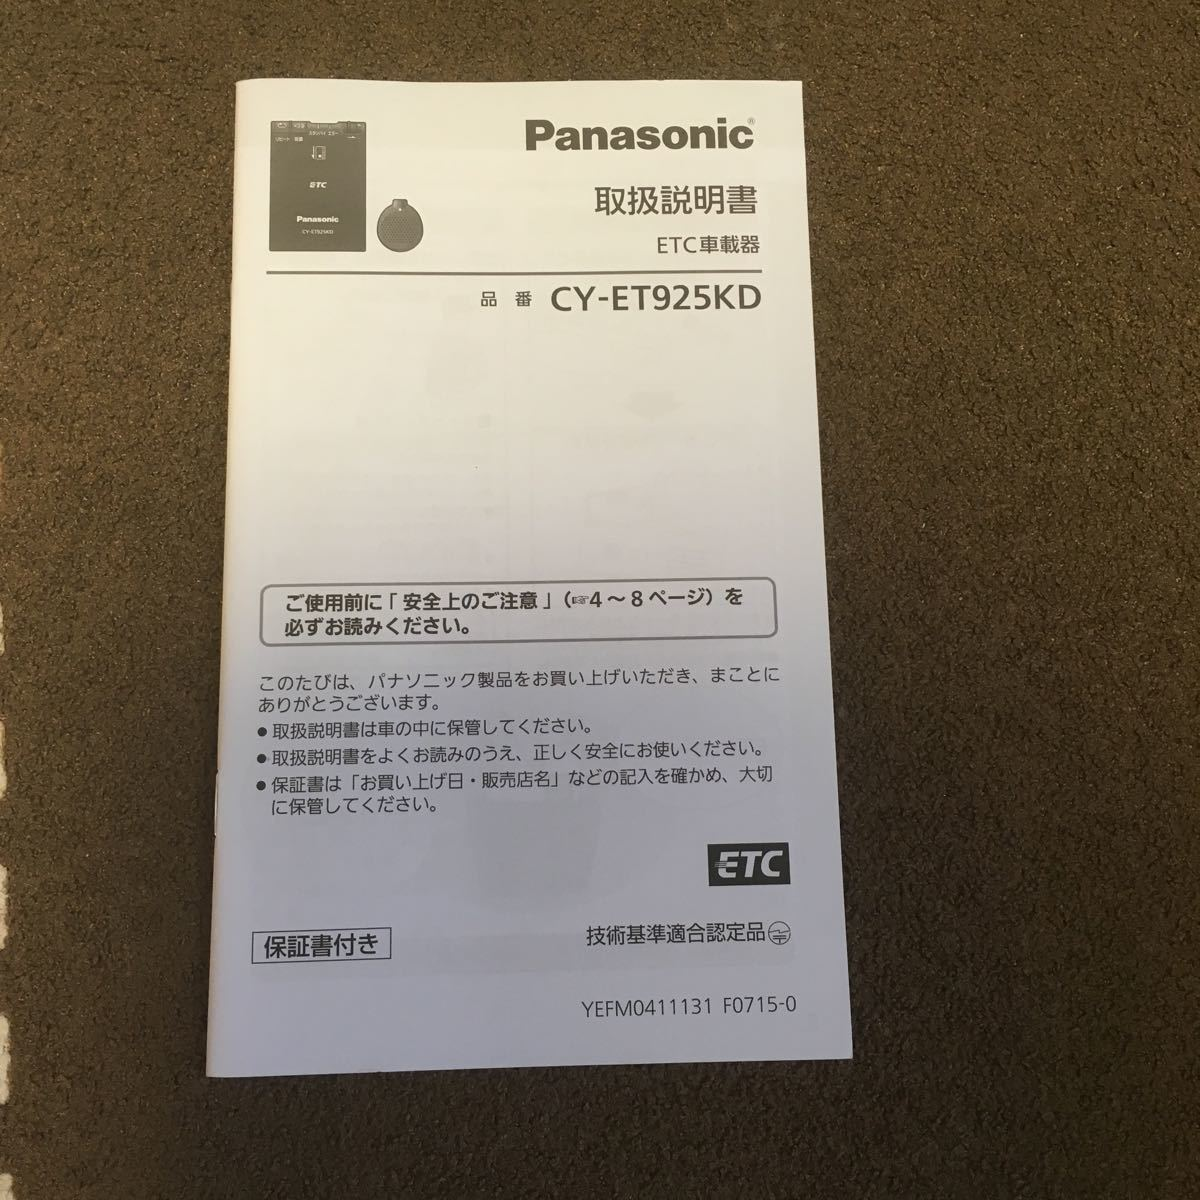 Panasonic パナソニック CY-ET925KD ETC車載器 取説 取扱書 取扱説明書_画像1